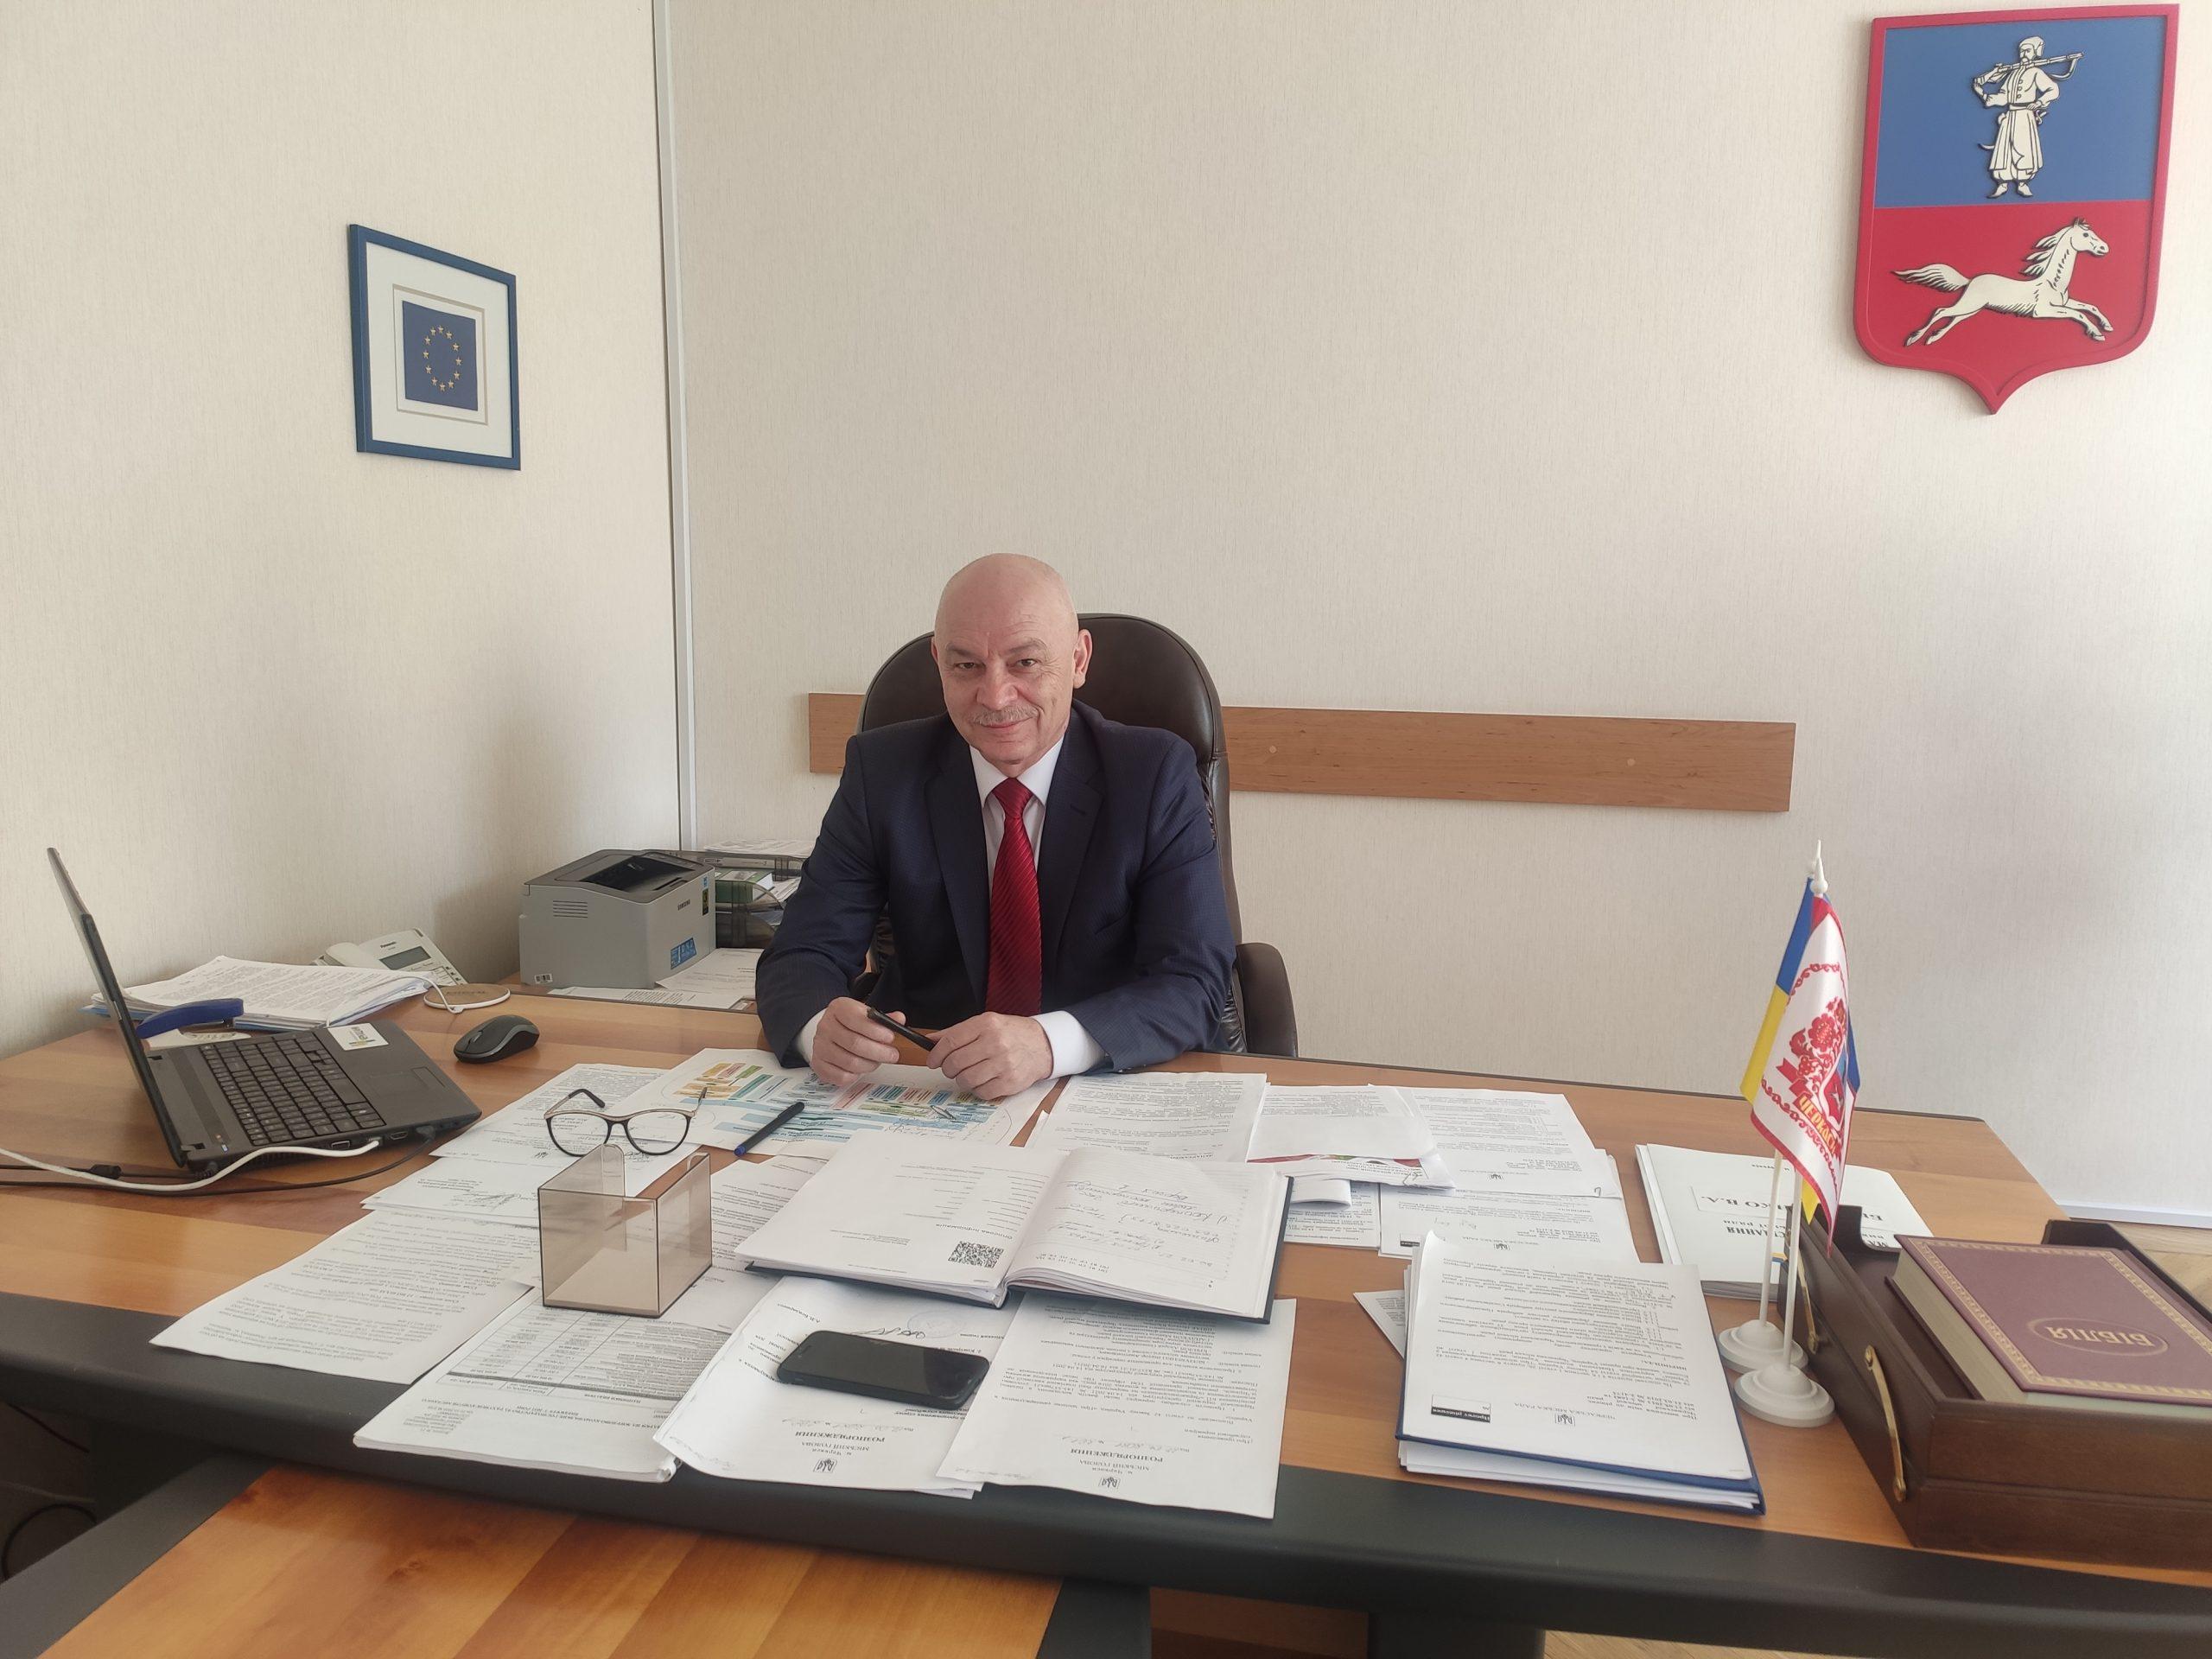 Віктор Беззубенко: «Дії ПрАТ «Азот» щодо будівництва газопроводу-відводу є законними»